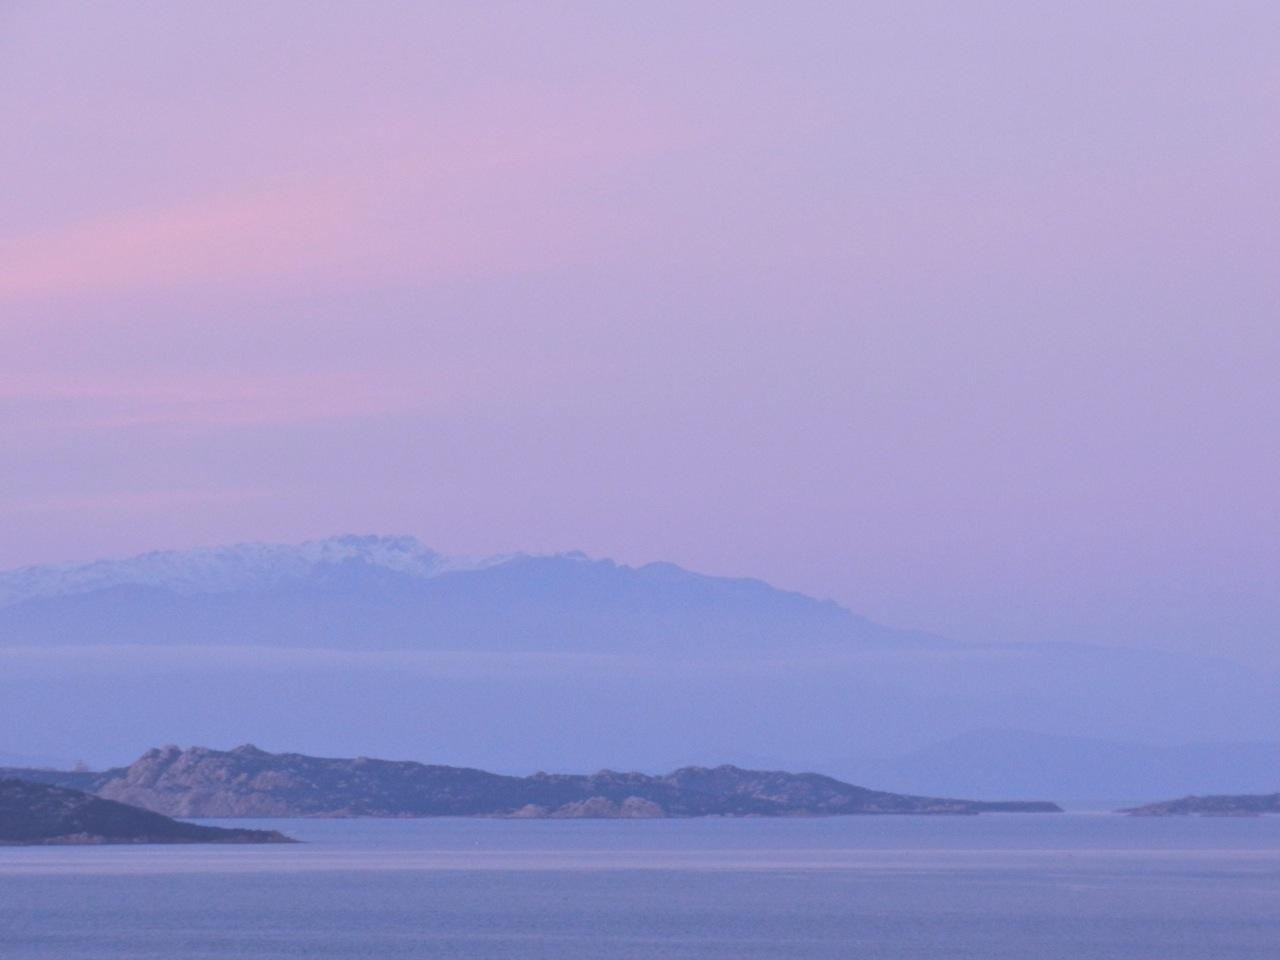 Farbenfroh: Sardinien im Winter